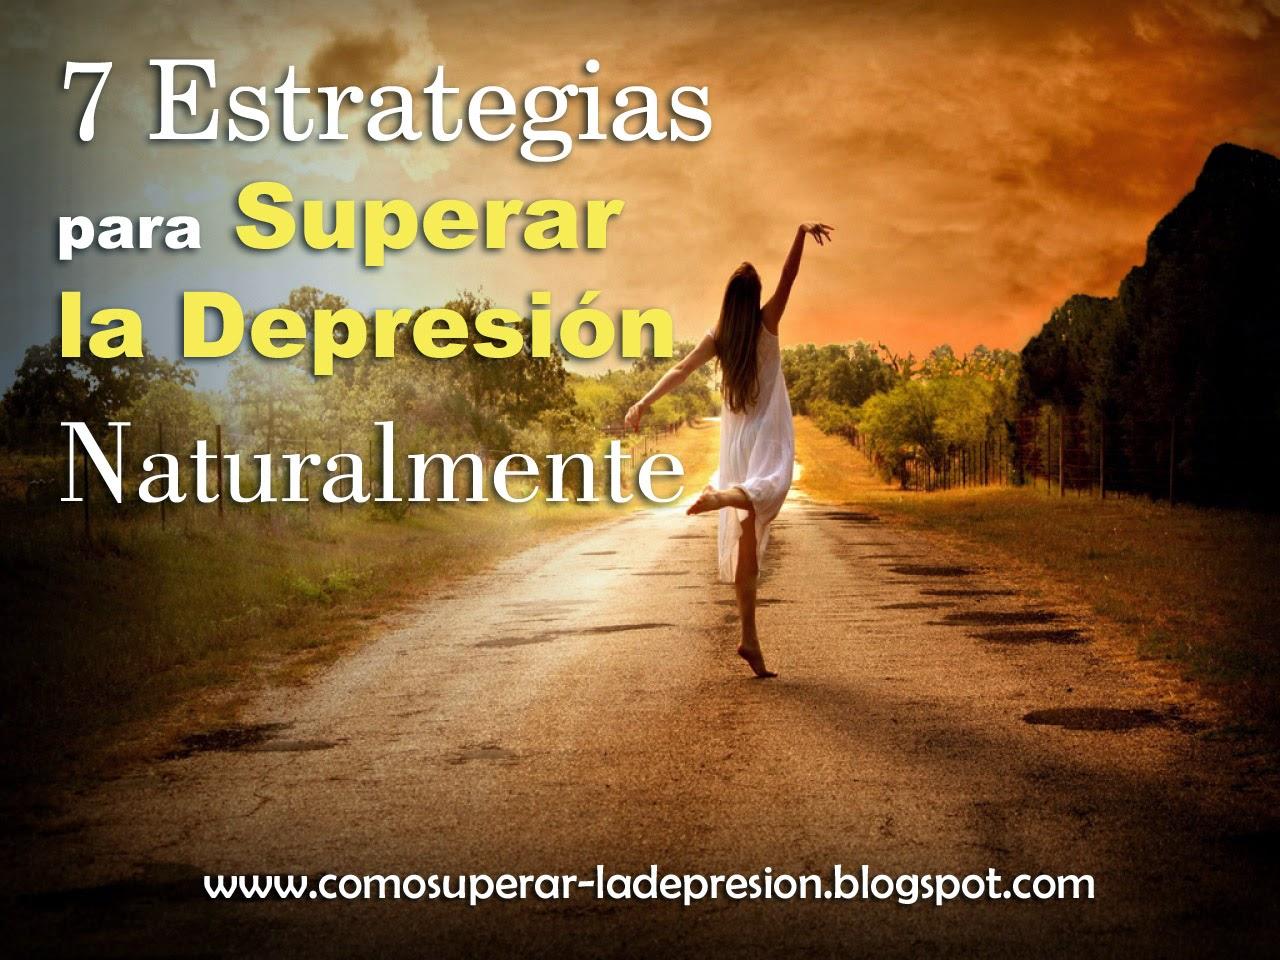 Como superar la depresi n naturalmente - Consejos para superar la depresion ...